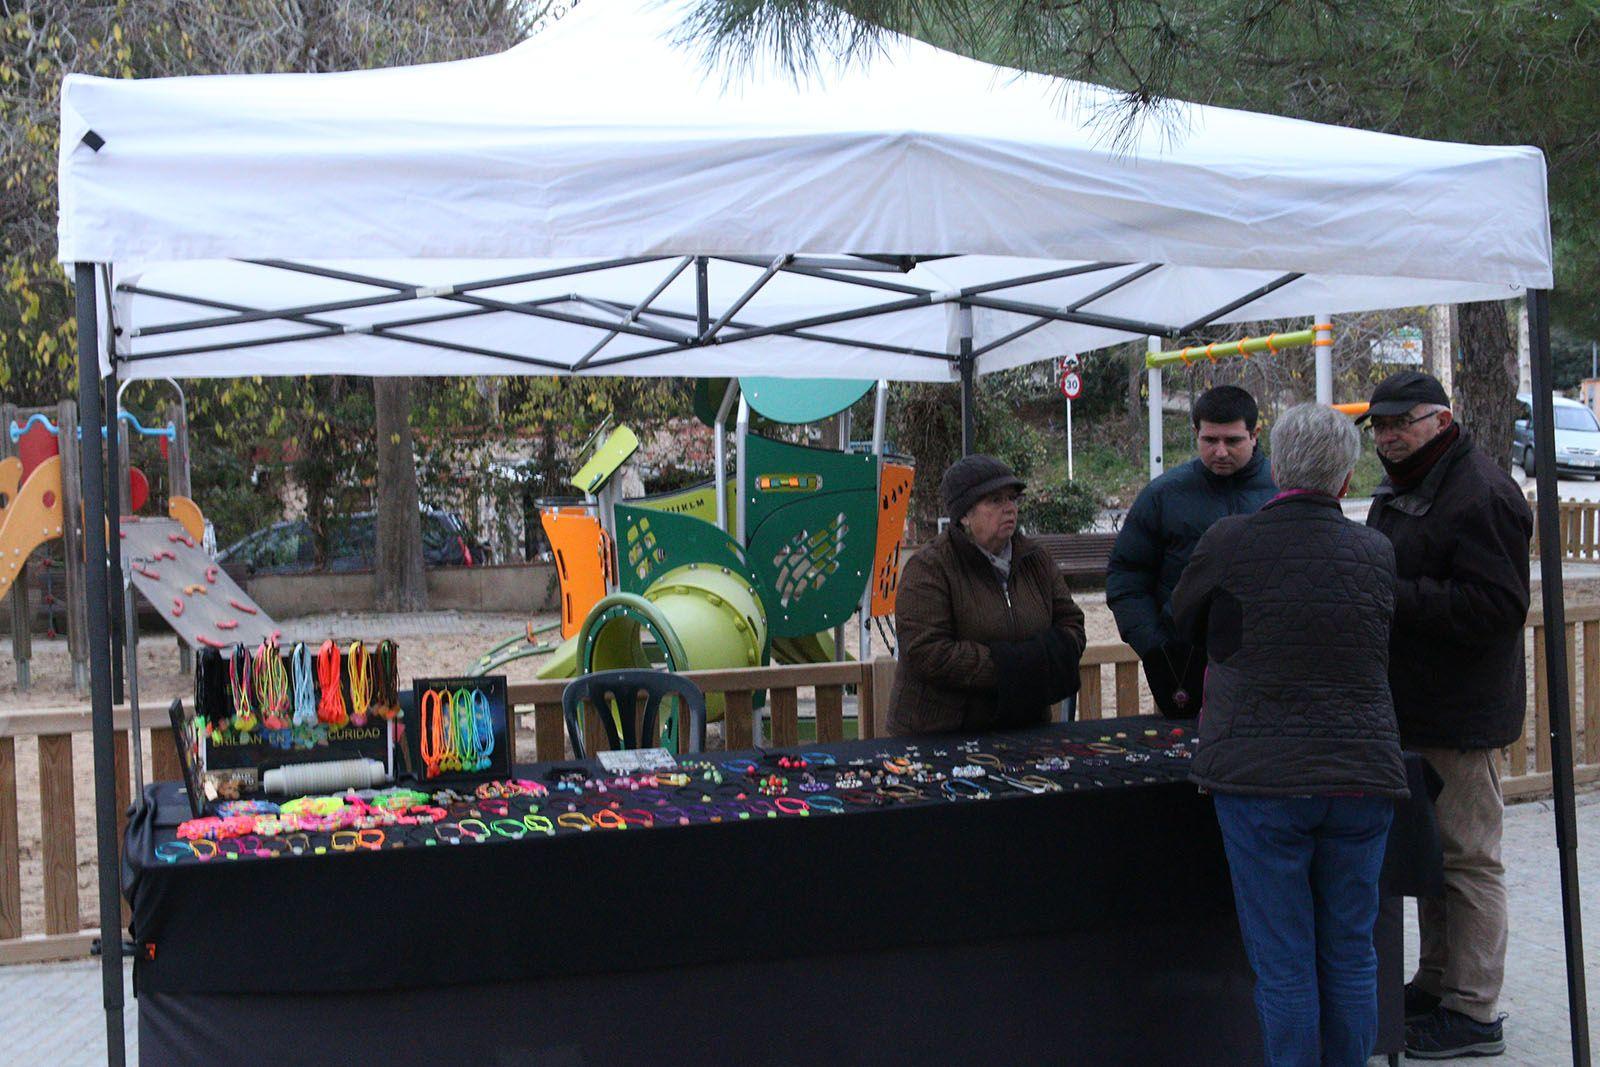 La fira de Santa Llúcia a Les Planes. Foto: Lali Álvarez